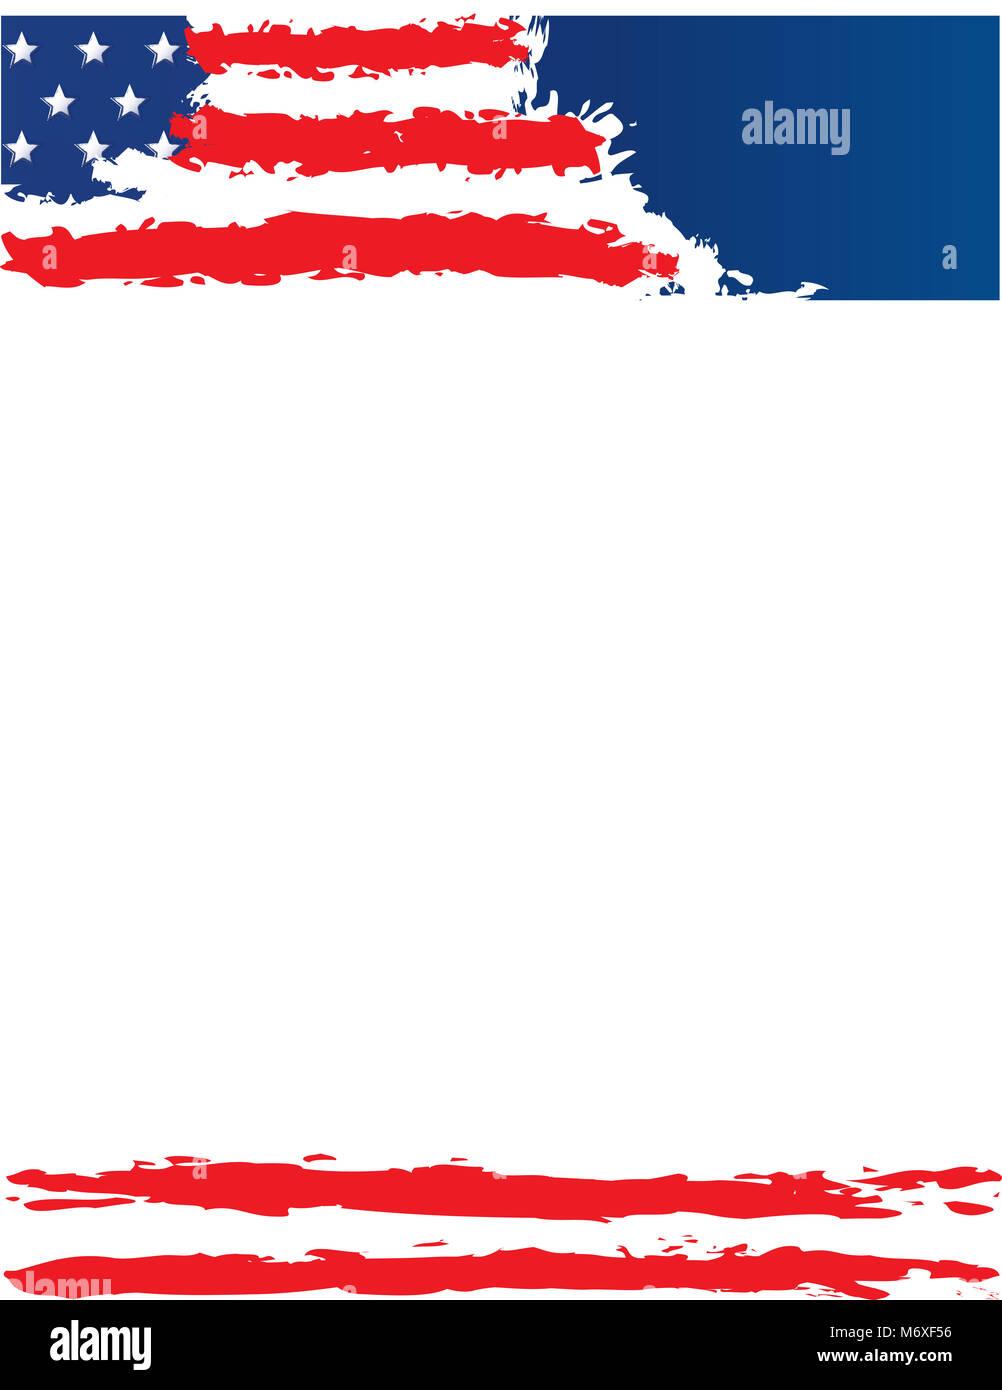 Fein Flagge Der Vereinigten Staaten Vorlage Bilder - Entry Level ...